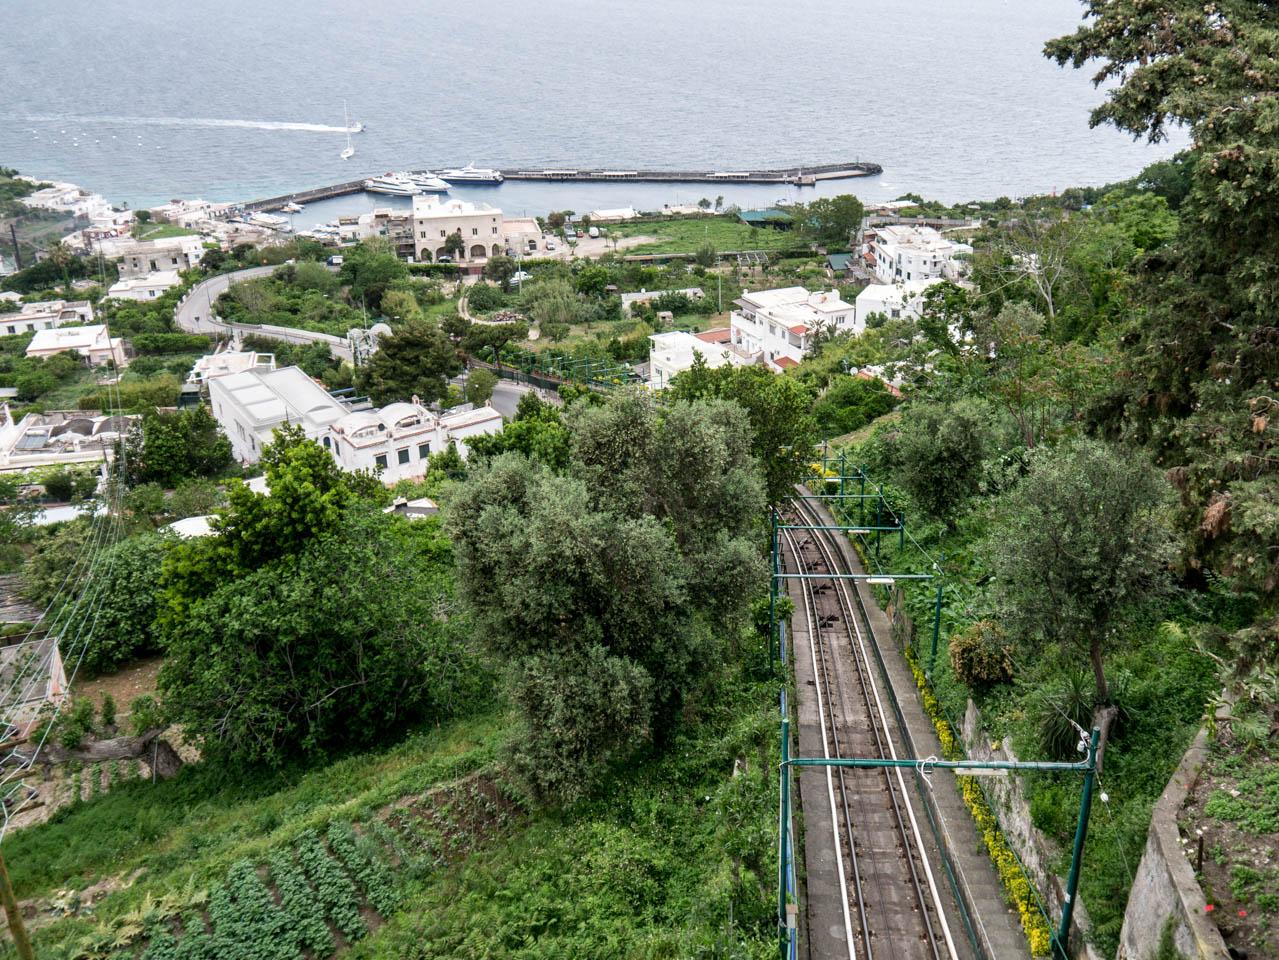 Strecke Funicolare (1 von 1)